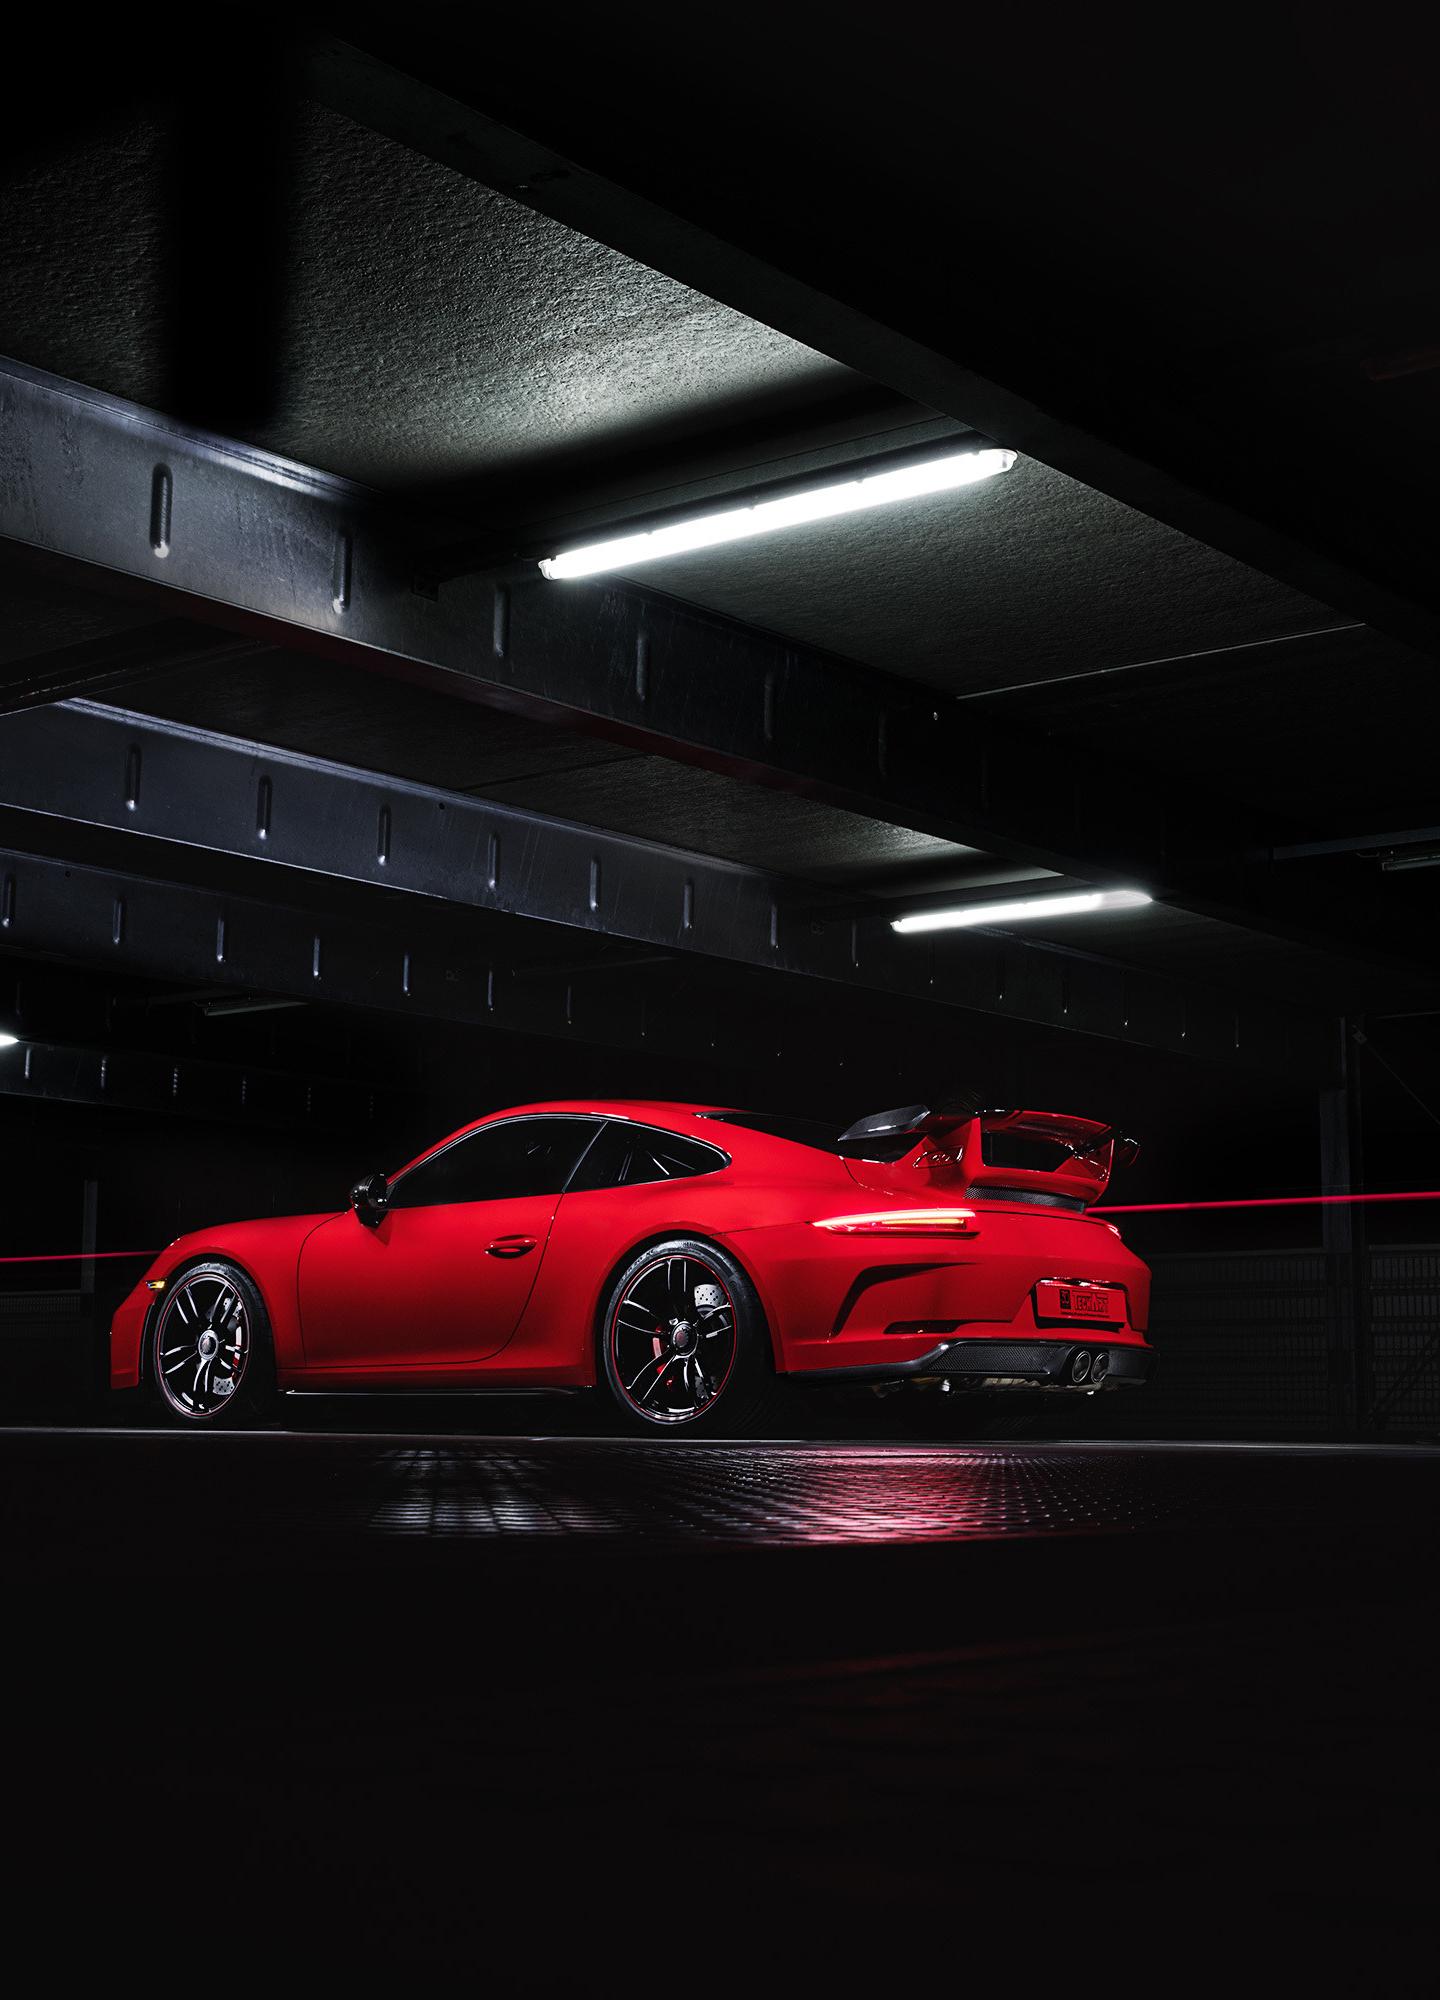 2018 Techart Porsche 911 Gt3 Red